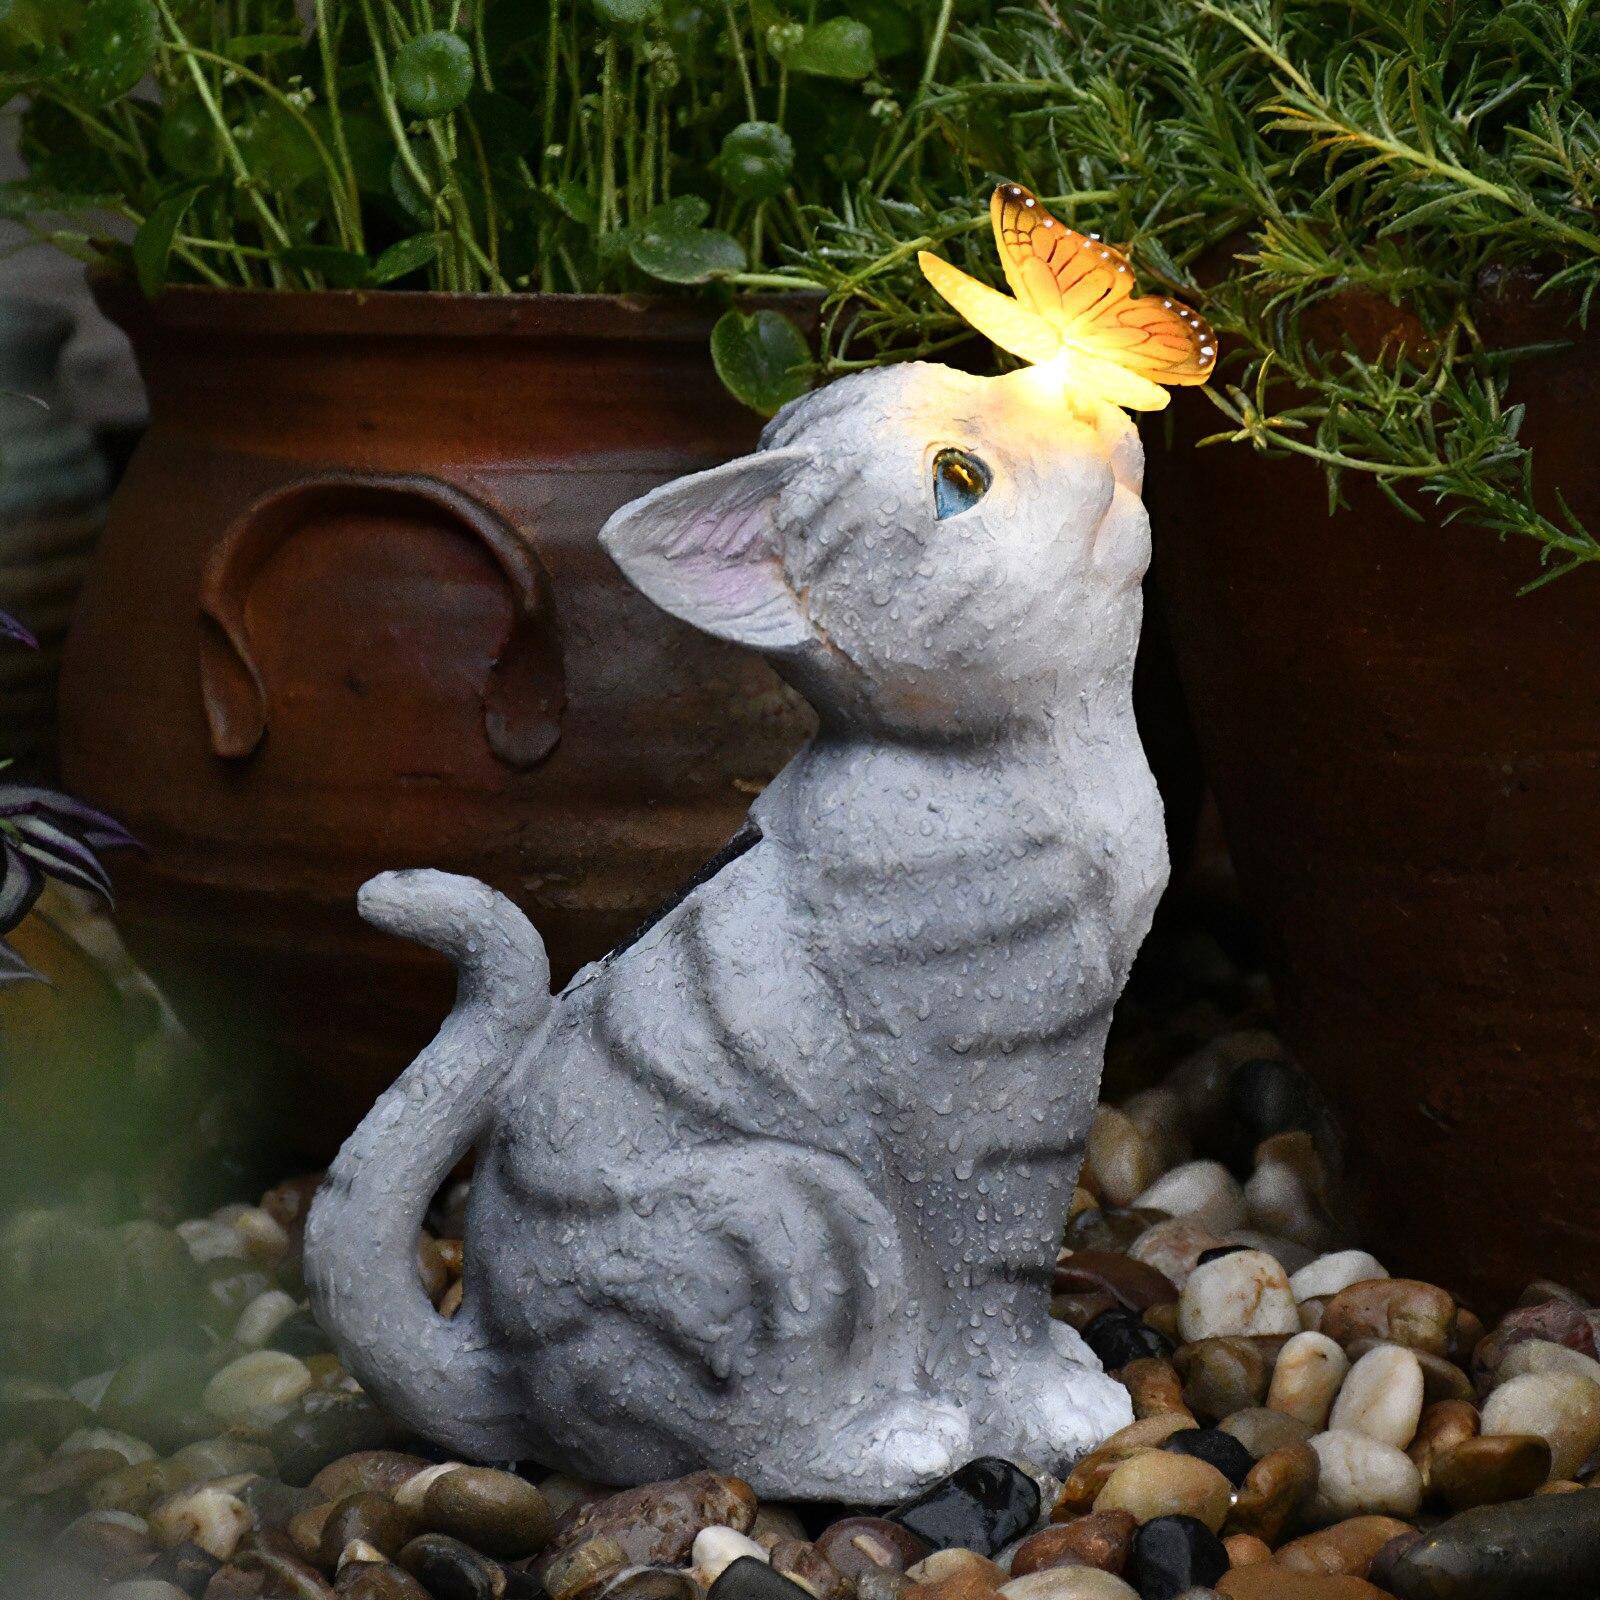 حديقة القط تمثال راتنج هريرة تمثال تعمل بالطاقة الشمسية مصغرة القط مع فراشة لساحة فناء الحديقة شرفة الديكور